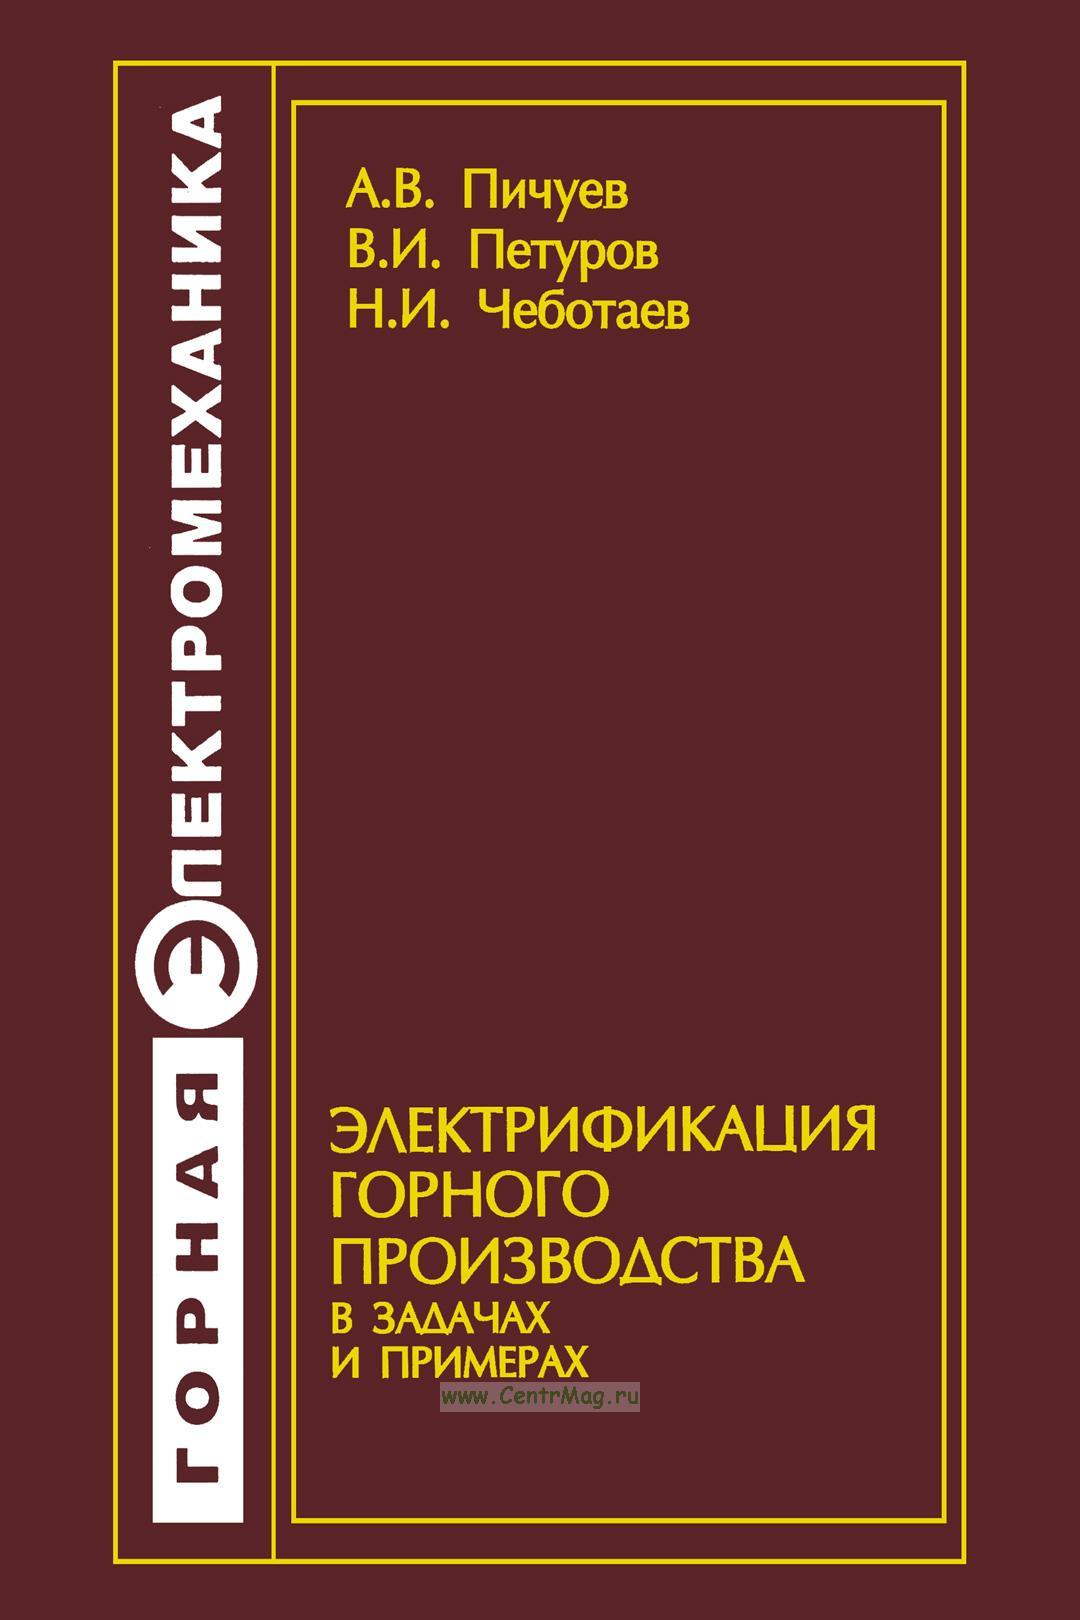 Электрификация горного производства в задачах и примерах: учебное пособие